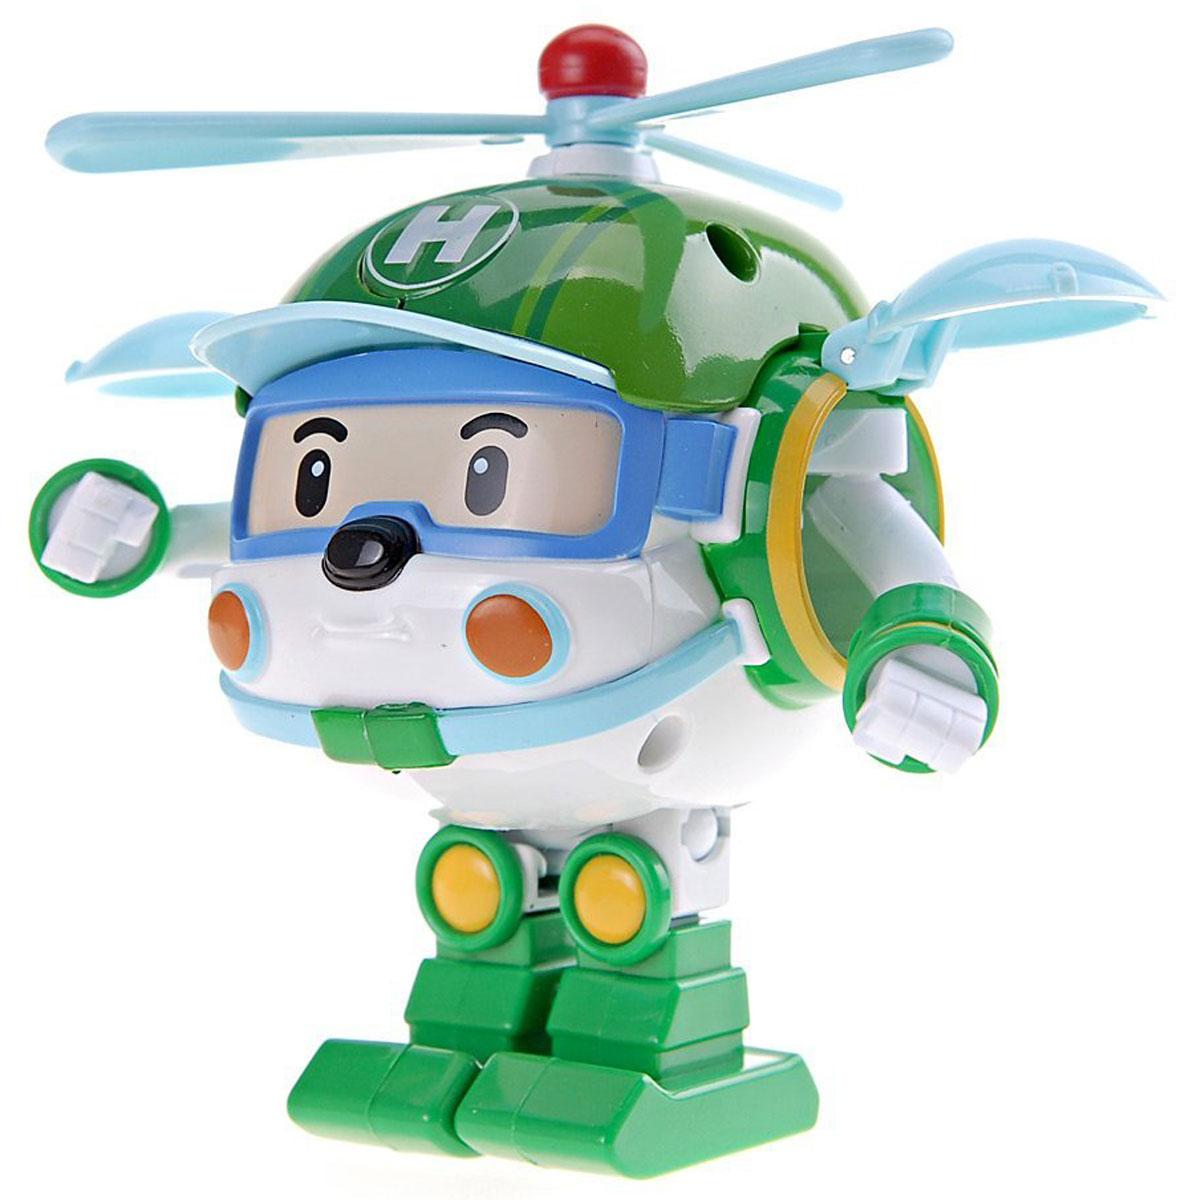 Robocar Poli Игрушка-трансформер Хэли 7,5 см робот трансформер silverlit robocar poli рой мега трансформер 83284